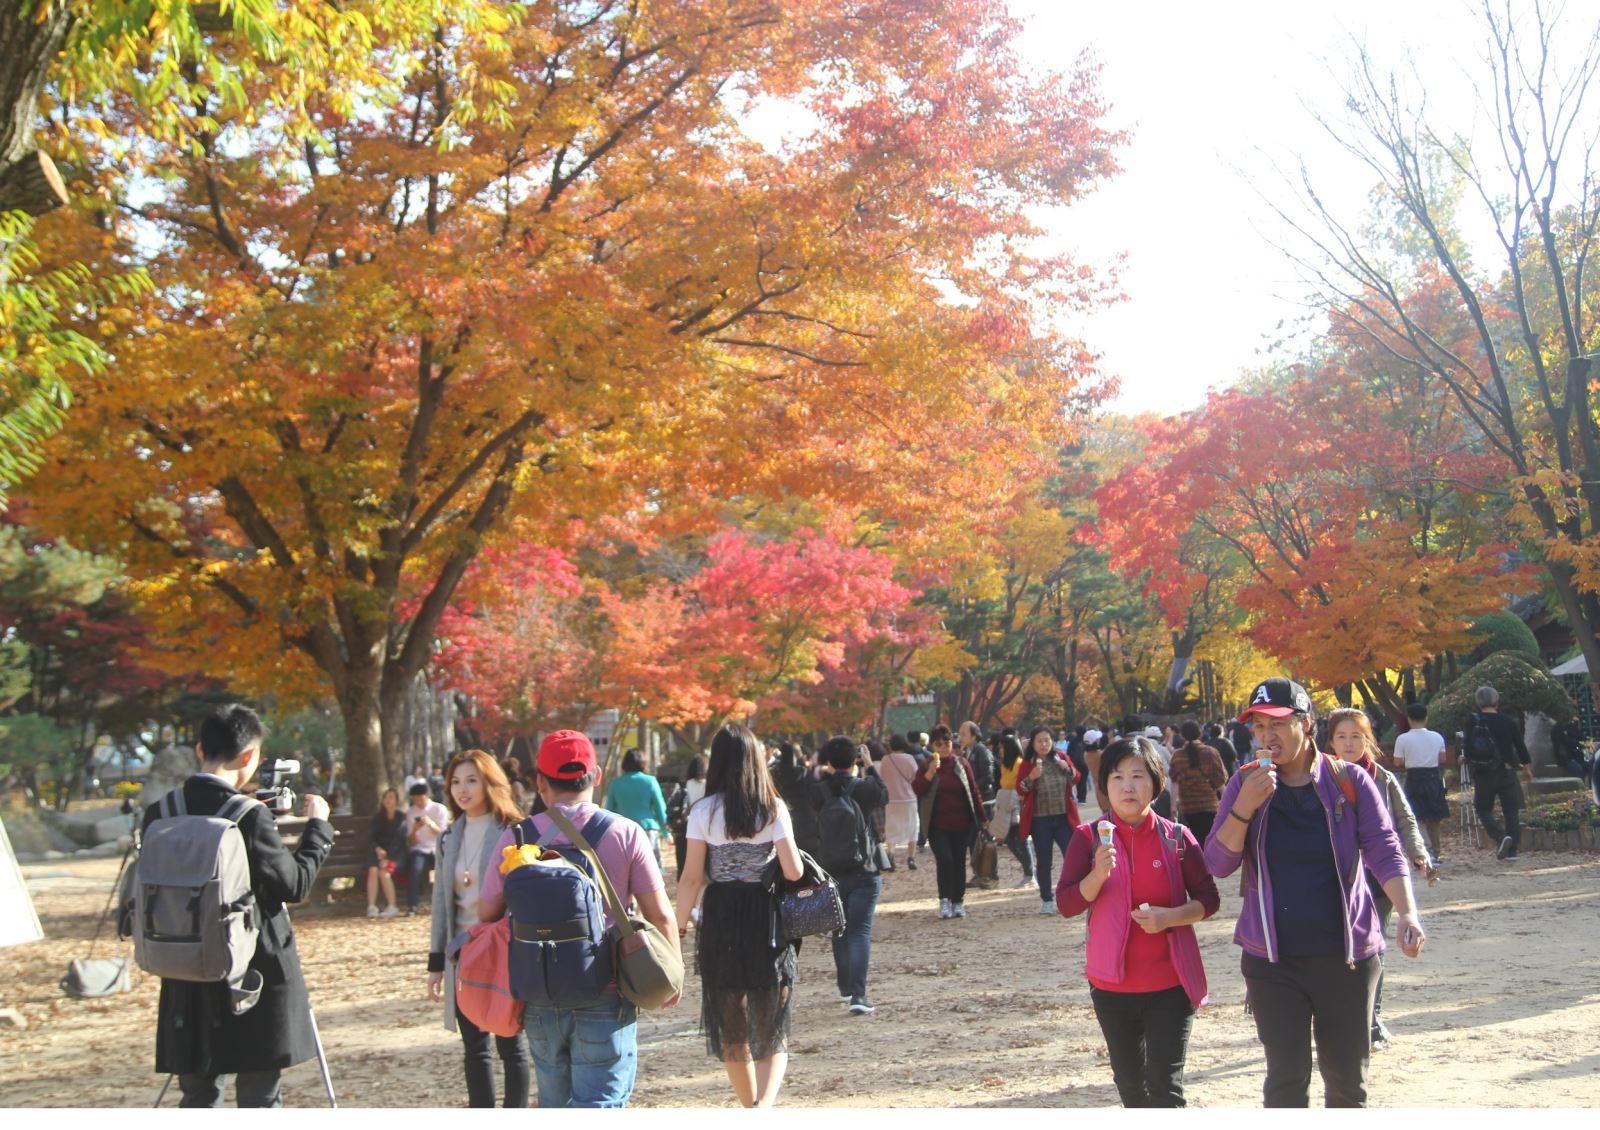 Lá vàng, lá đỏ vào đợt đẹp nhất mùa thu xứ Hàn Ảnh 3